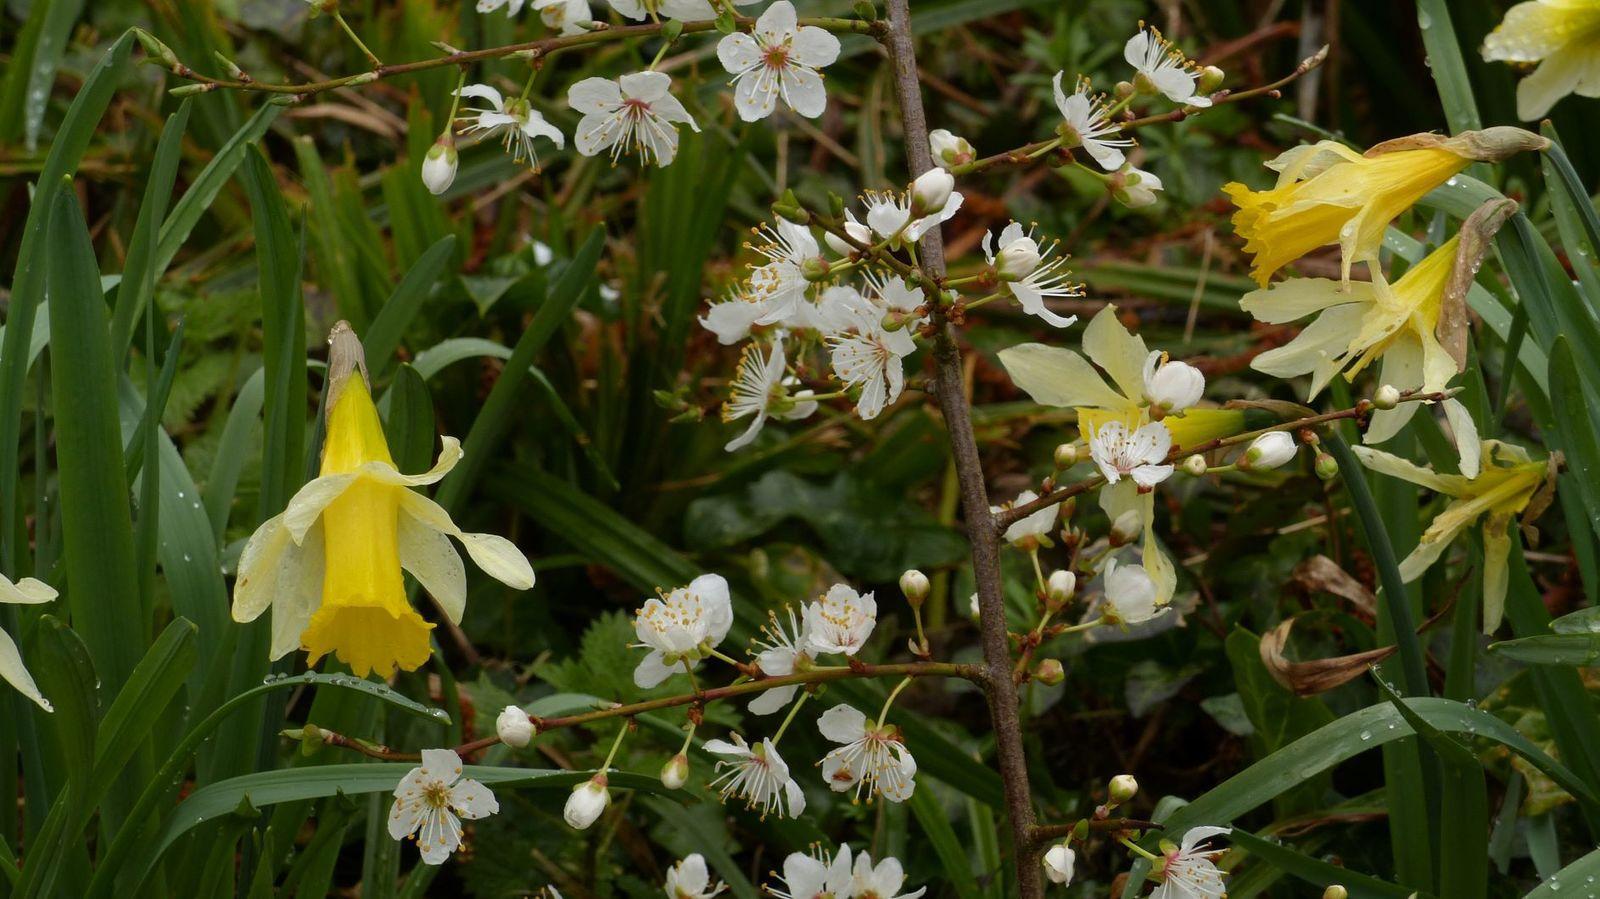 jonquille narcisse botanique lectoure gascogne gers